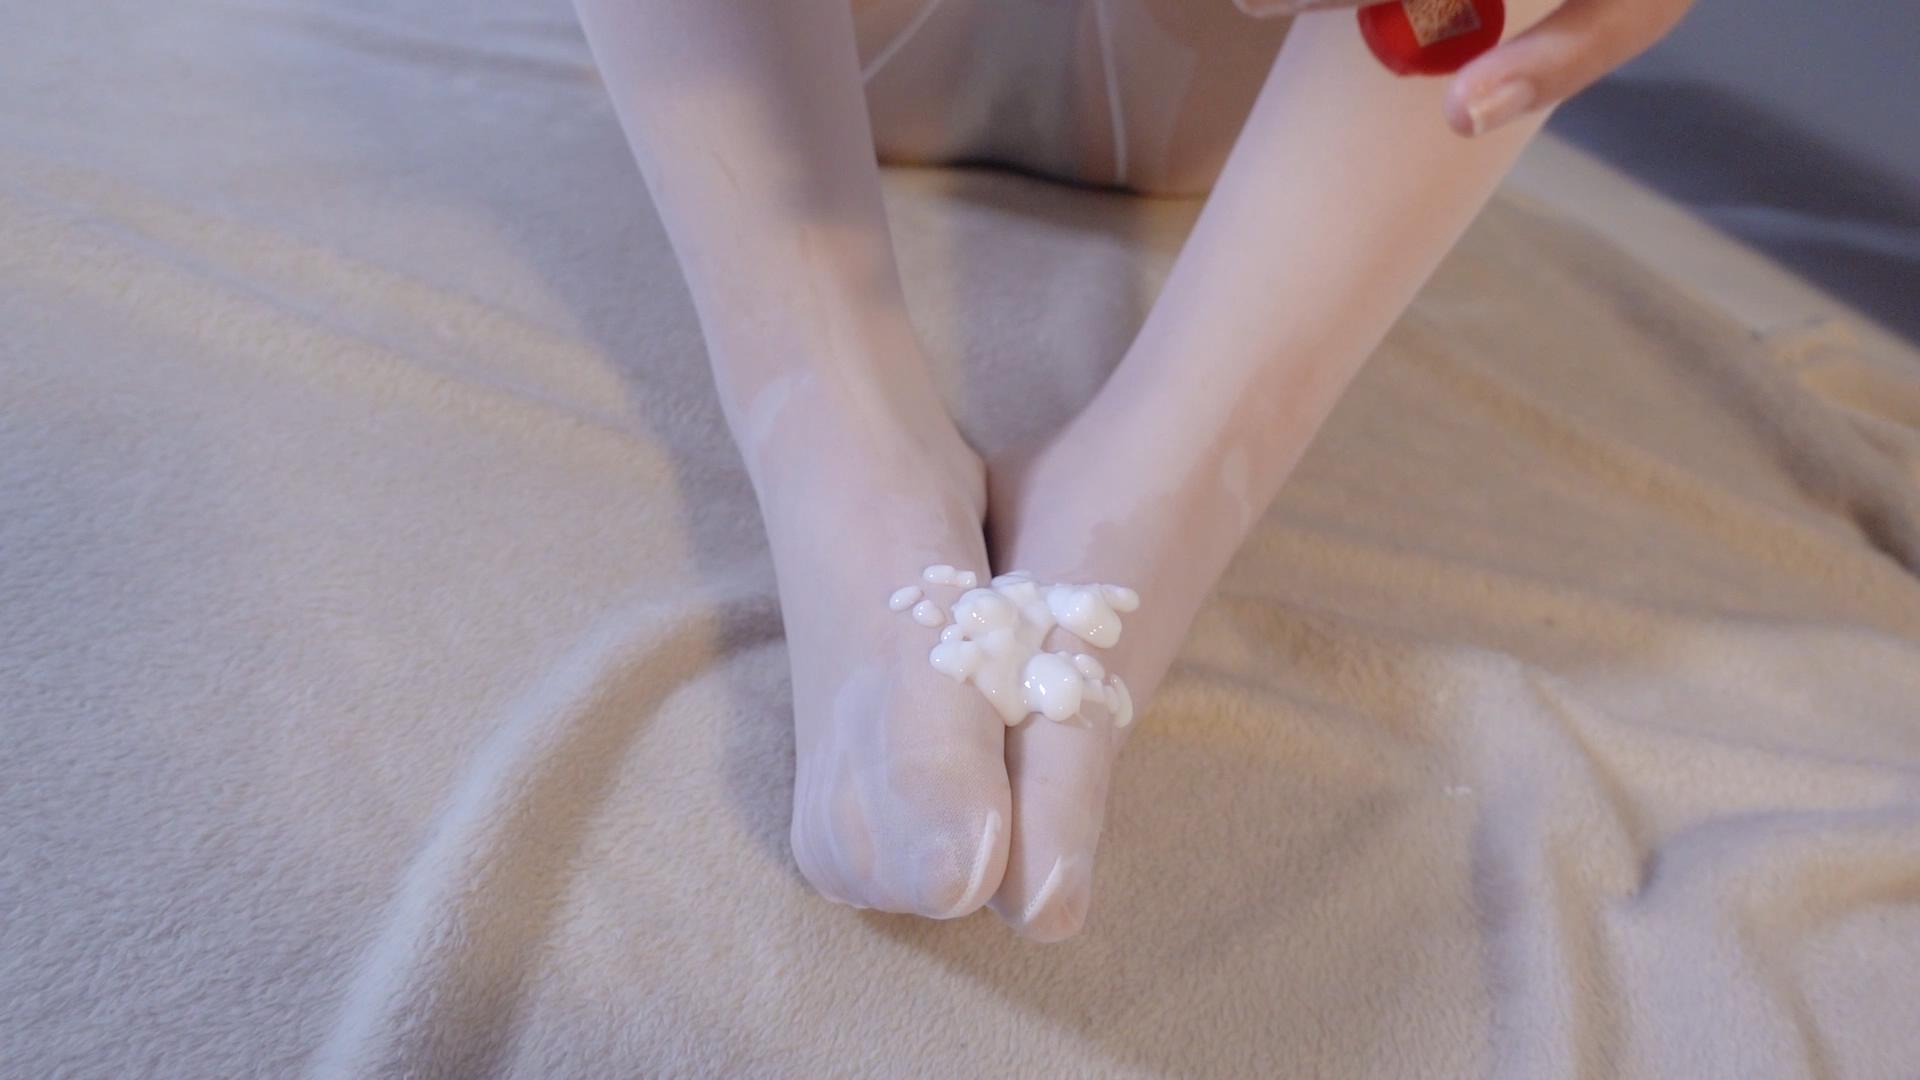 【森萝财团】 森萝财团写真 – JKFUN-055 乳霜2 白丝 小夜 [1V-1.44GB] JKFUN 第4张